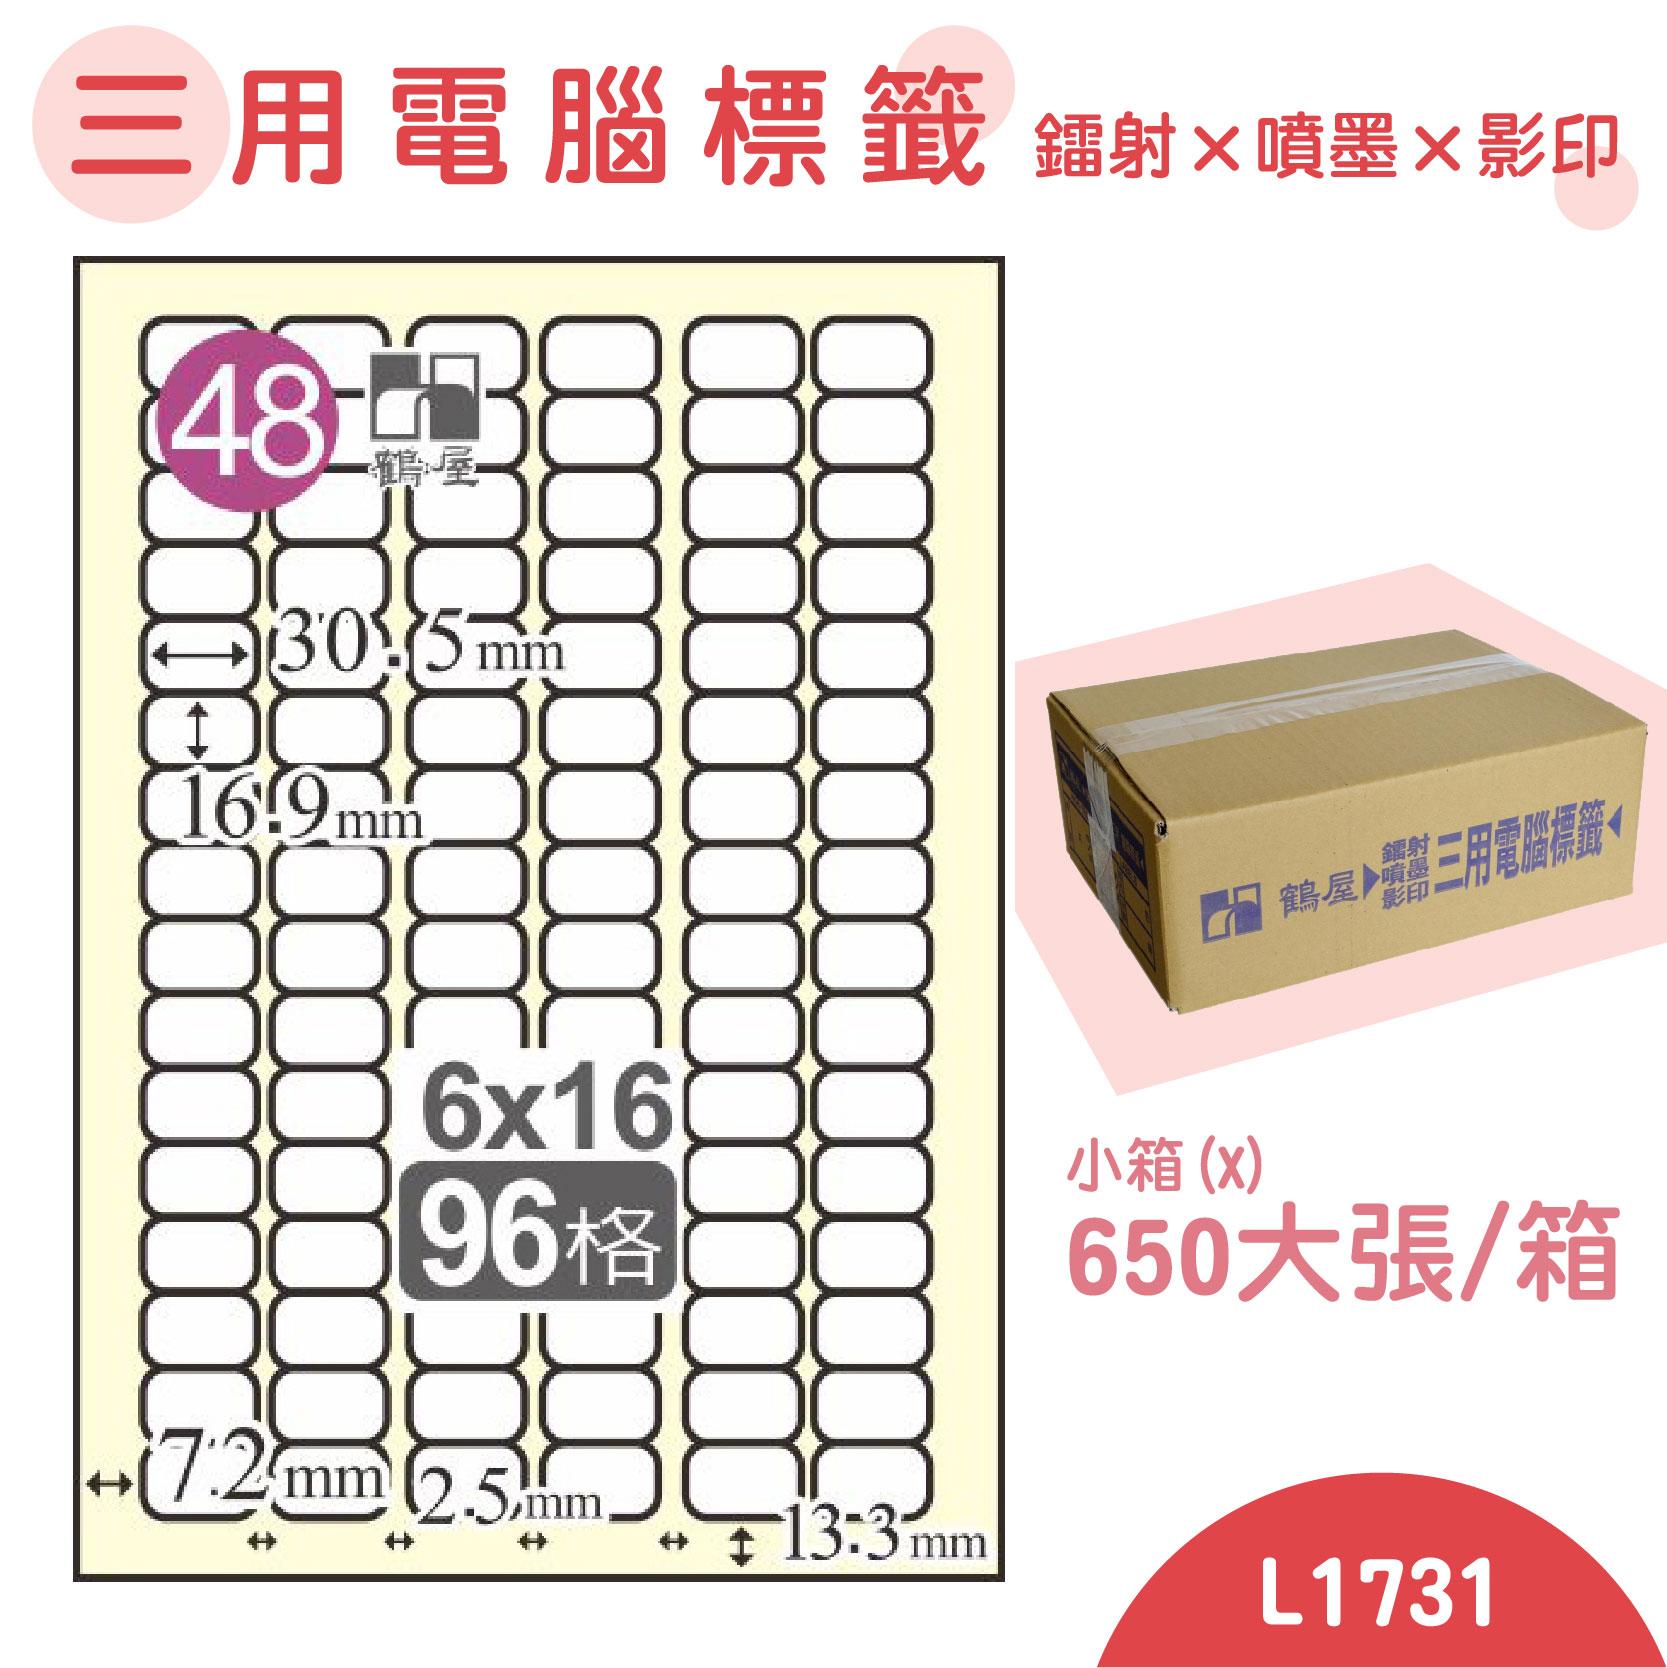 電腦標籤紙(鶴屋) 白色 L1731 96格 650大張/小箱 影印 雷射 噴墨 三用 標籤 貼紙 信封 光碟 名條